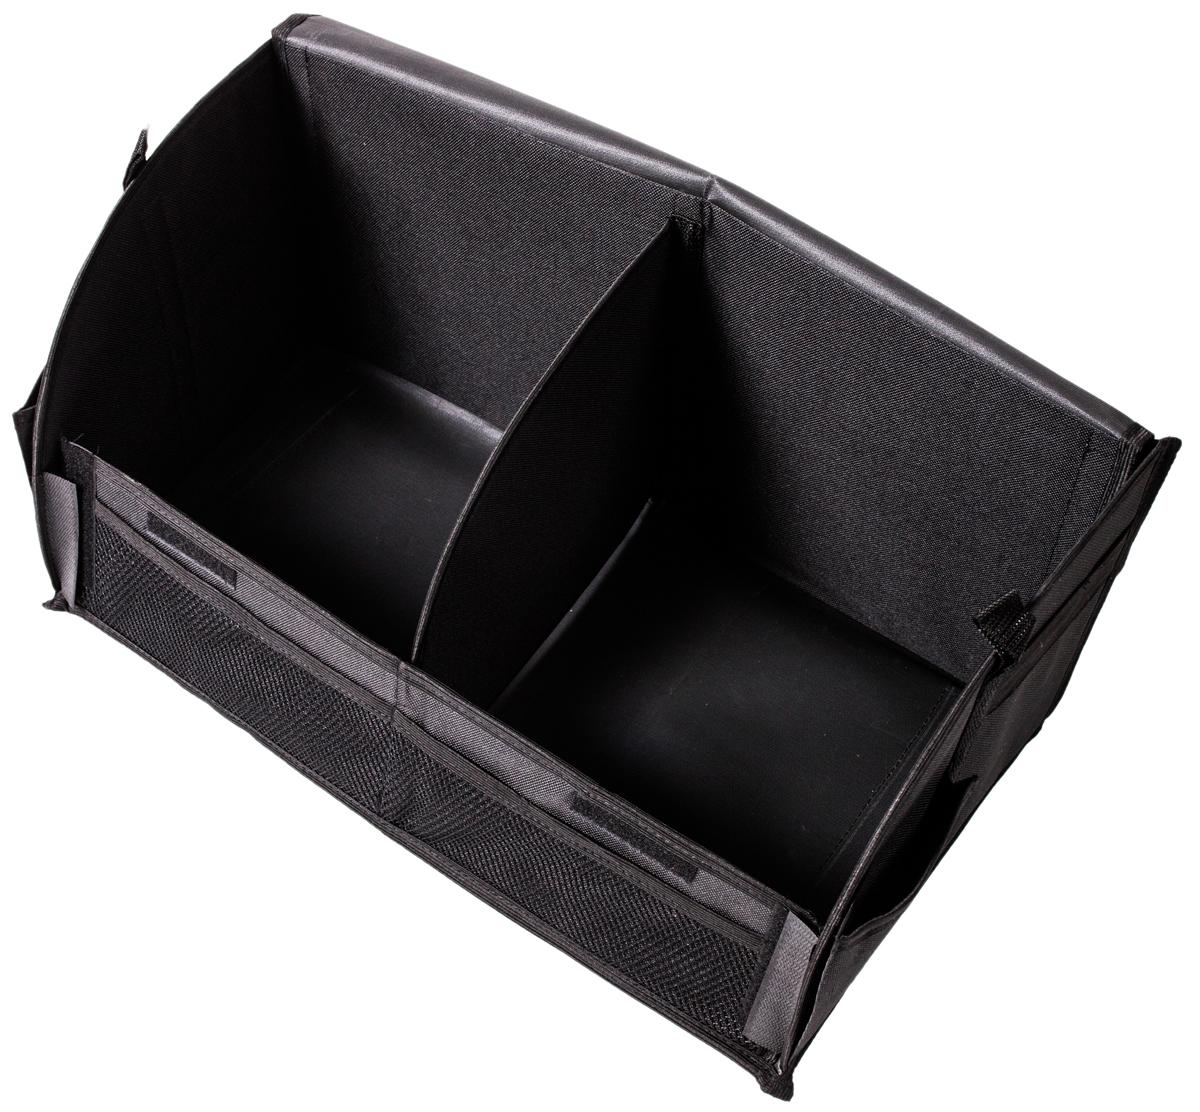 Органайзер AvtoTink, в багажник, складной, цвет: черный, 48 х 26 х 24 см органайзер с крышкой в багажник isky полиэстер цвет черный 51 x 31 х 31 см